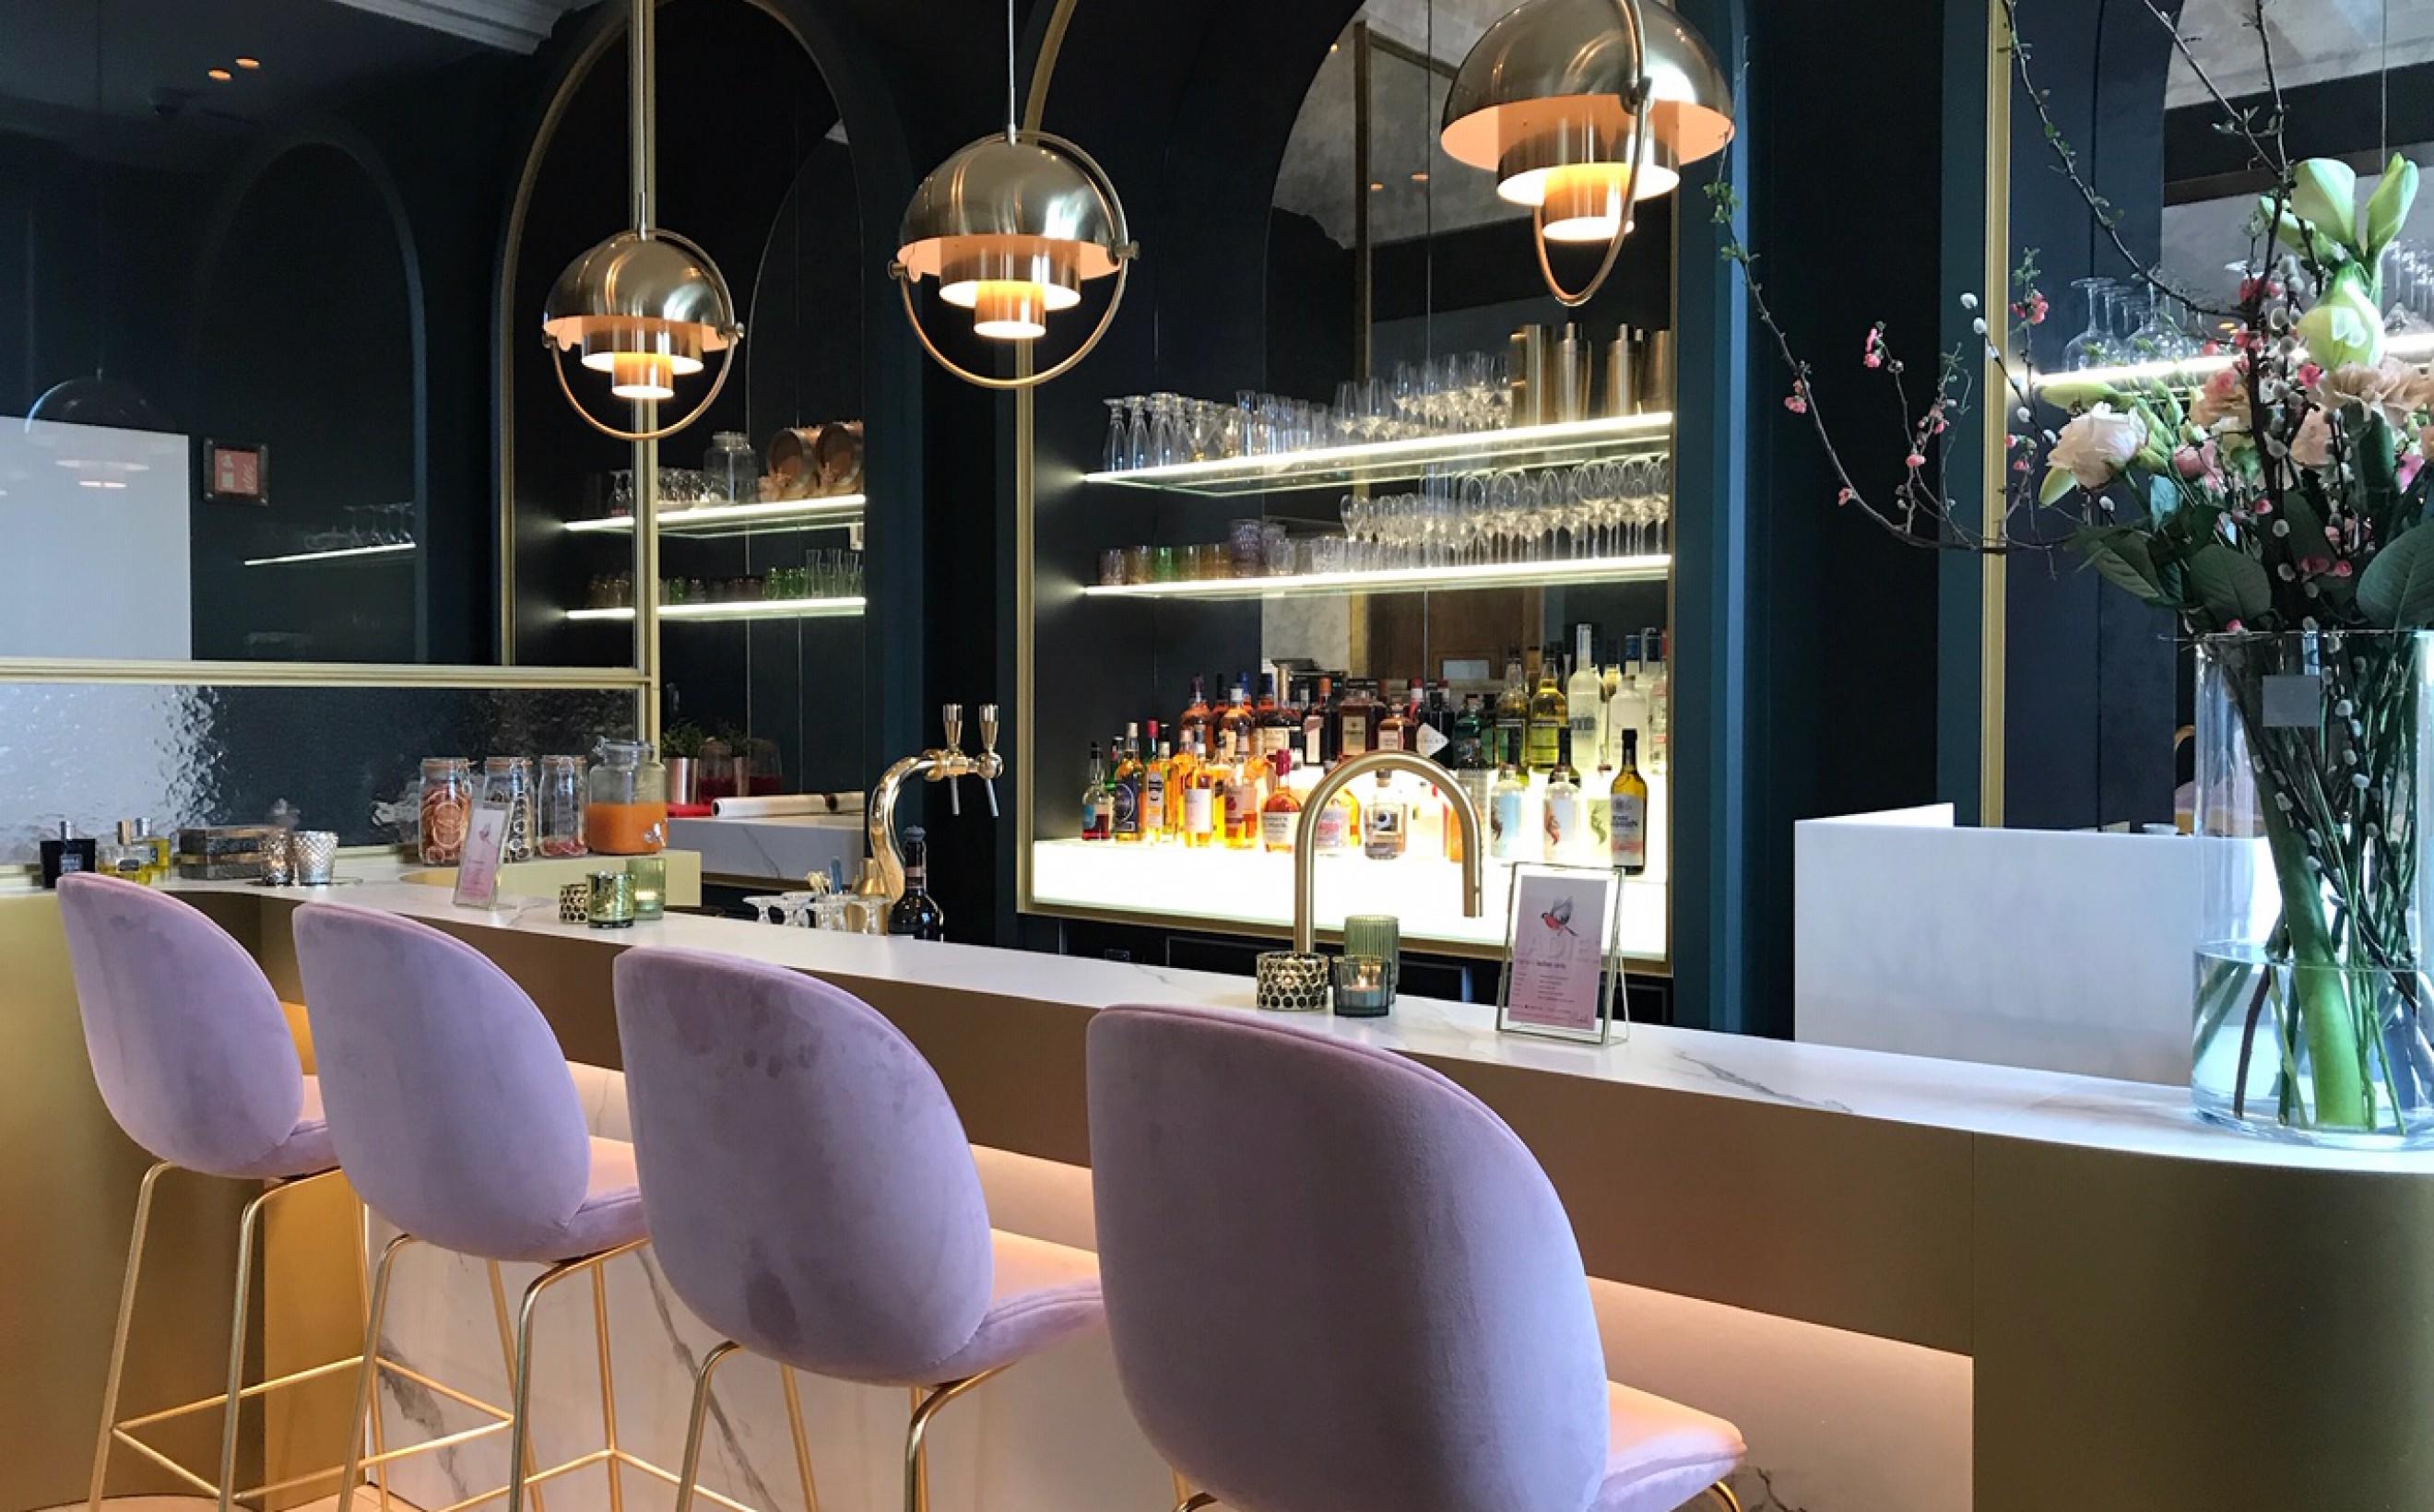 Mania-K met  Gubi producten : Beetle barstools en Multilite hanglampen  Victors Design Agency